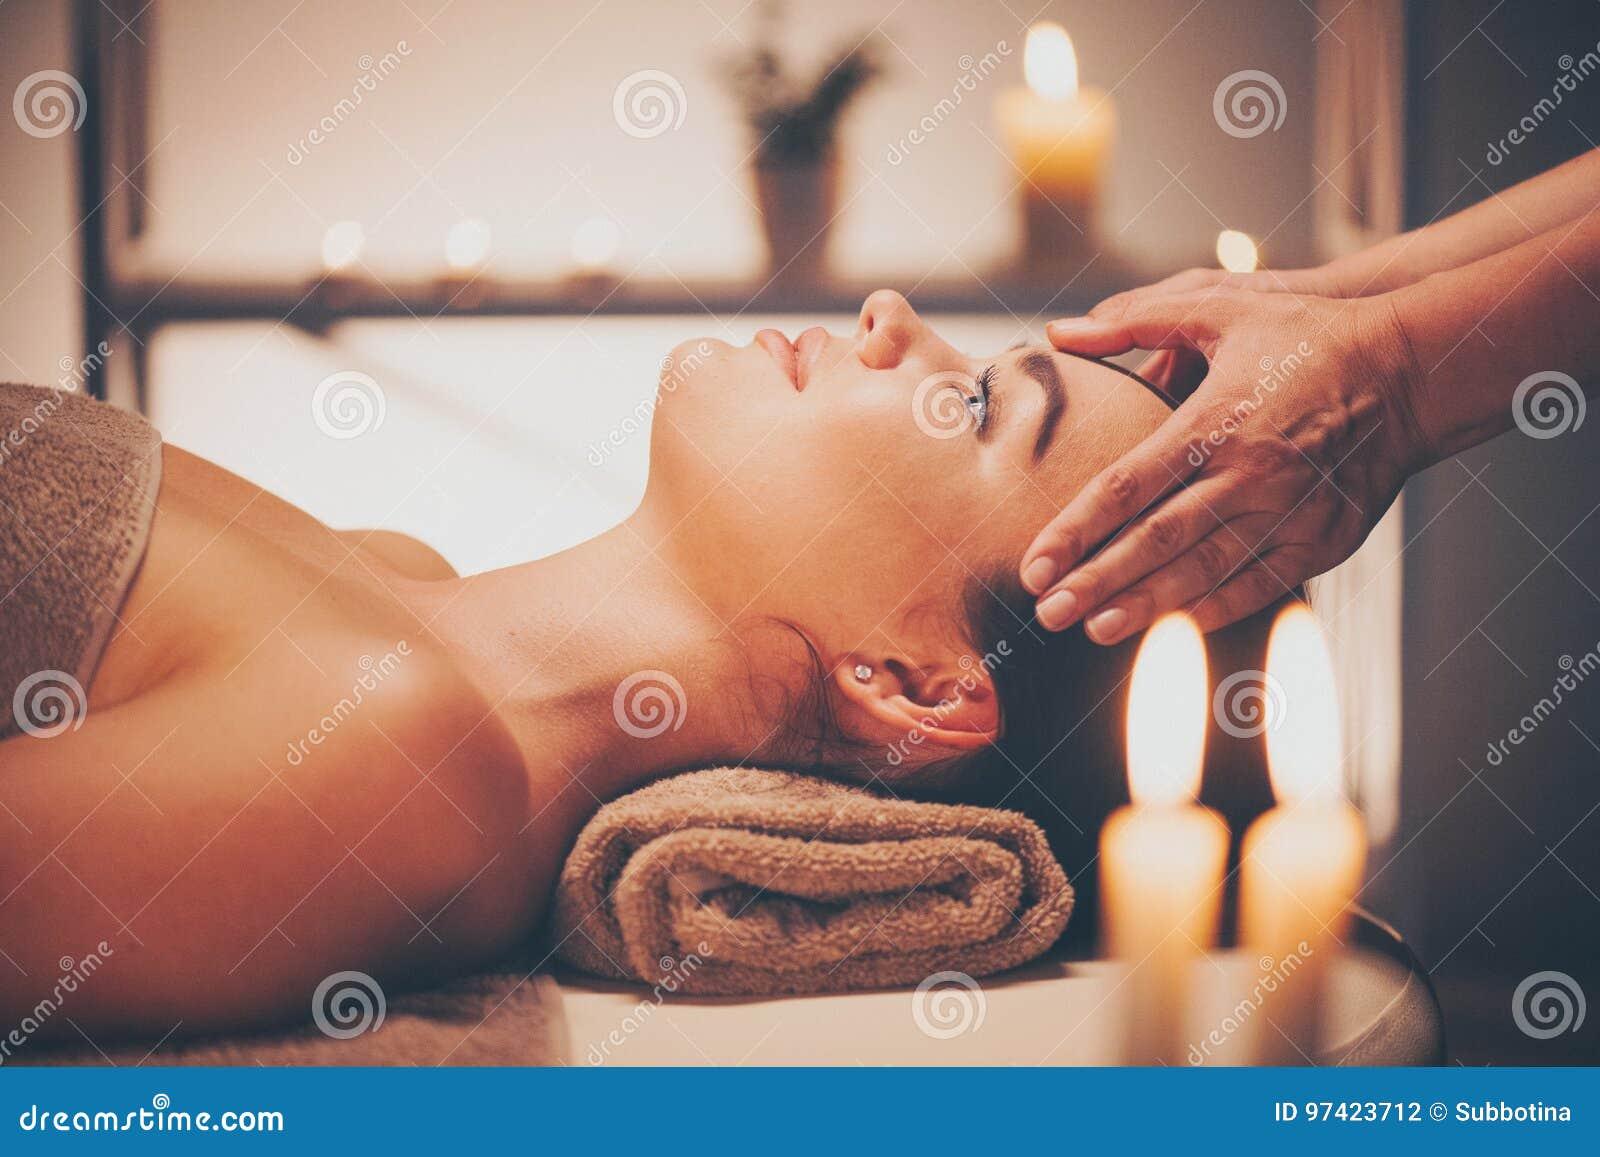 Kuuroord gezichtsmassage Donkerbruine vrouw die ontspannend gezichtsmassage genieten van